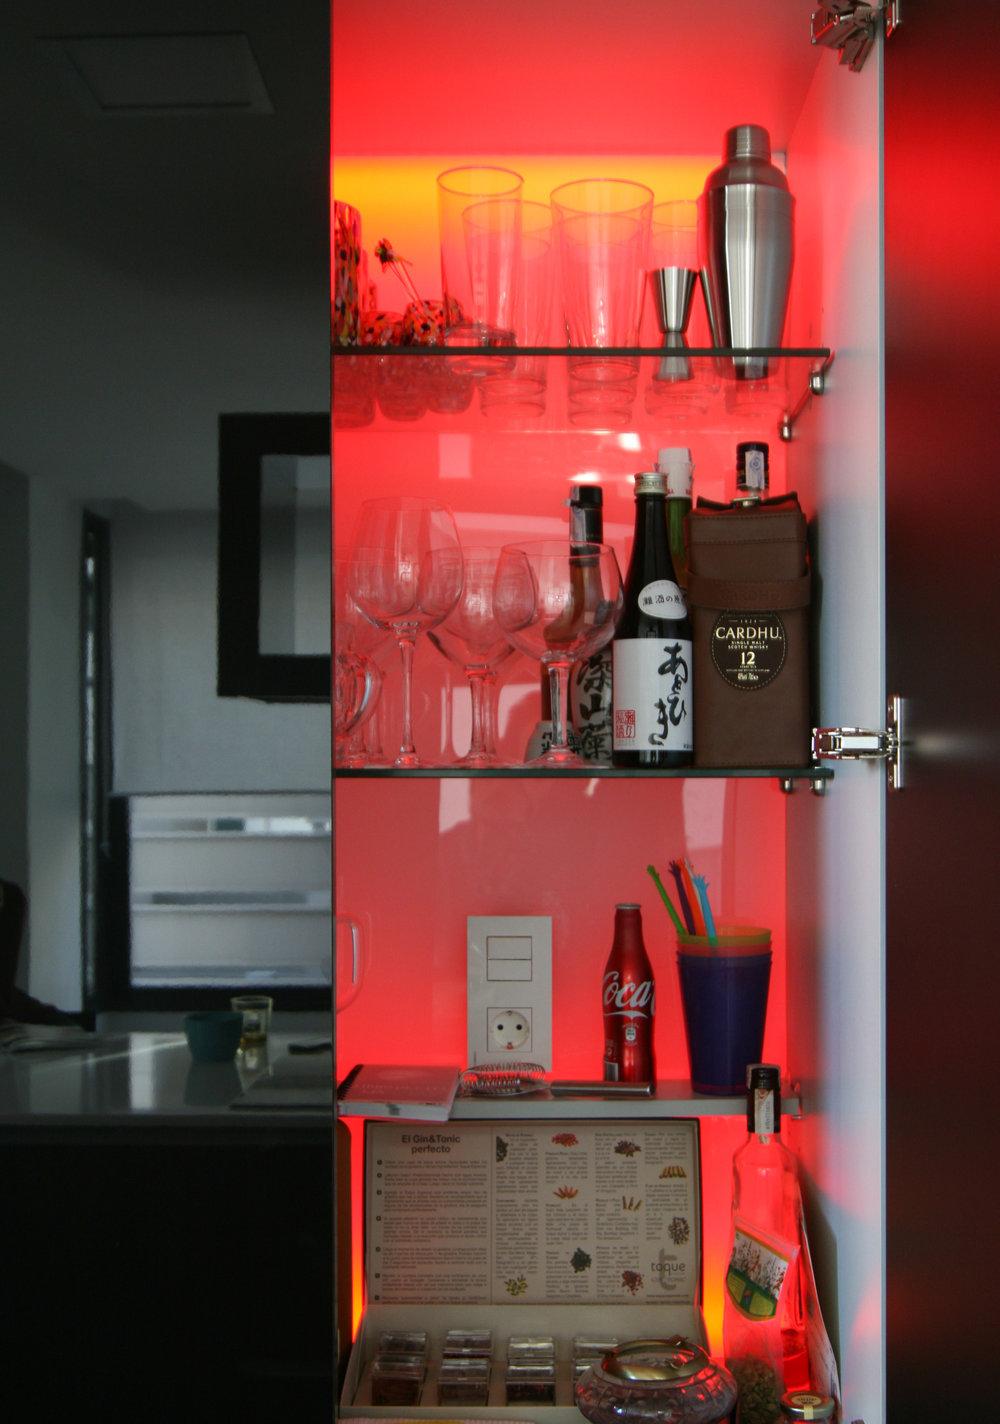 diseño slow emmme studio la cocina de Pablo y Esther - 05 armario lab - SM.jpg